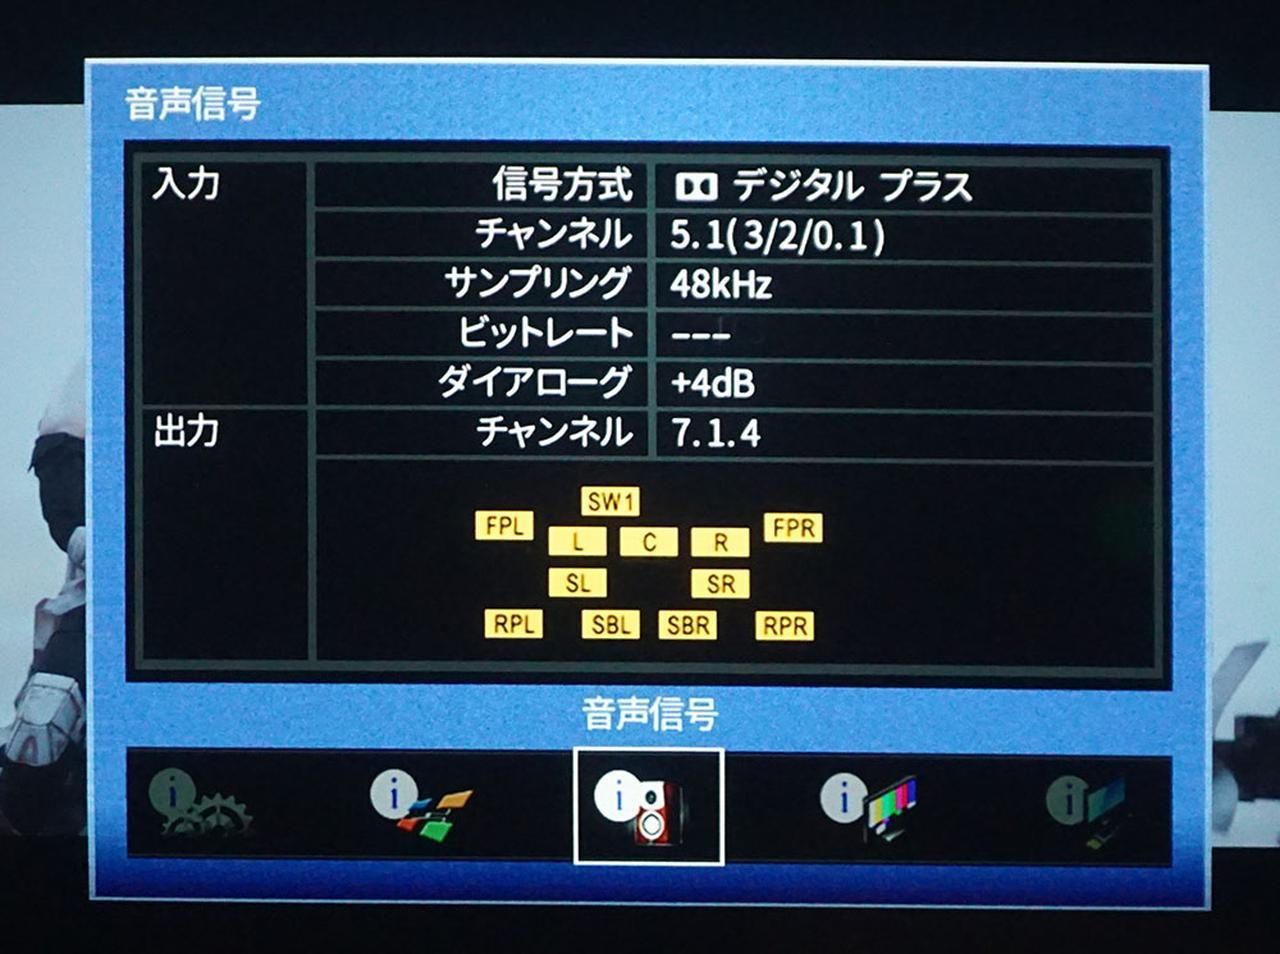 画像: ヤマハ「CX-A5100」で音声情報を確認したところ、ドルビーデジタルプラスの5.1chだった